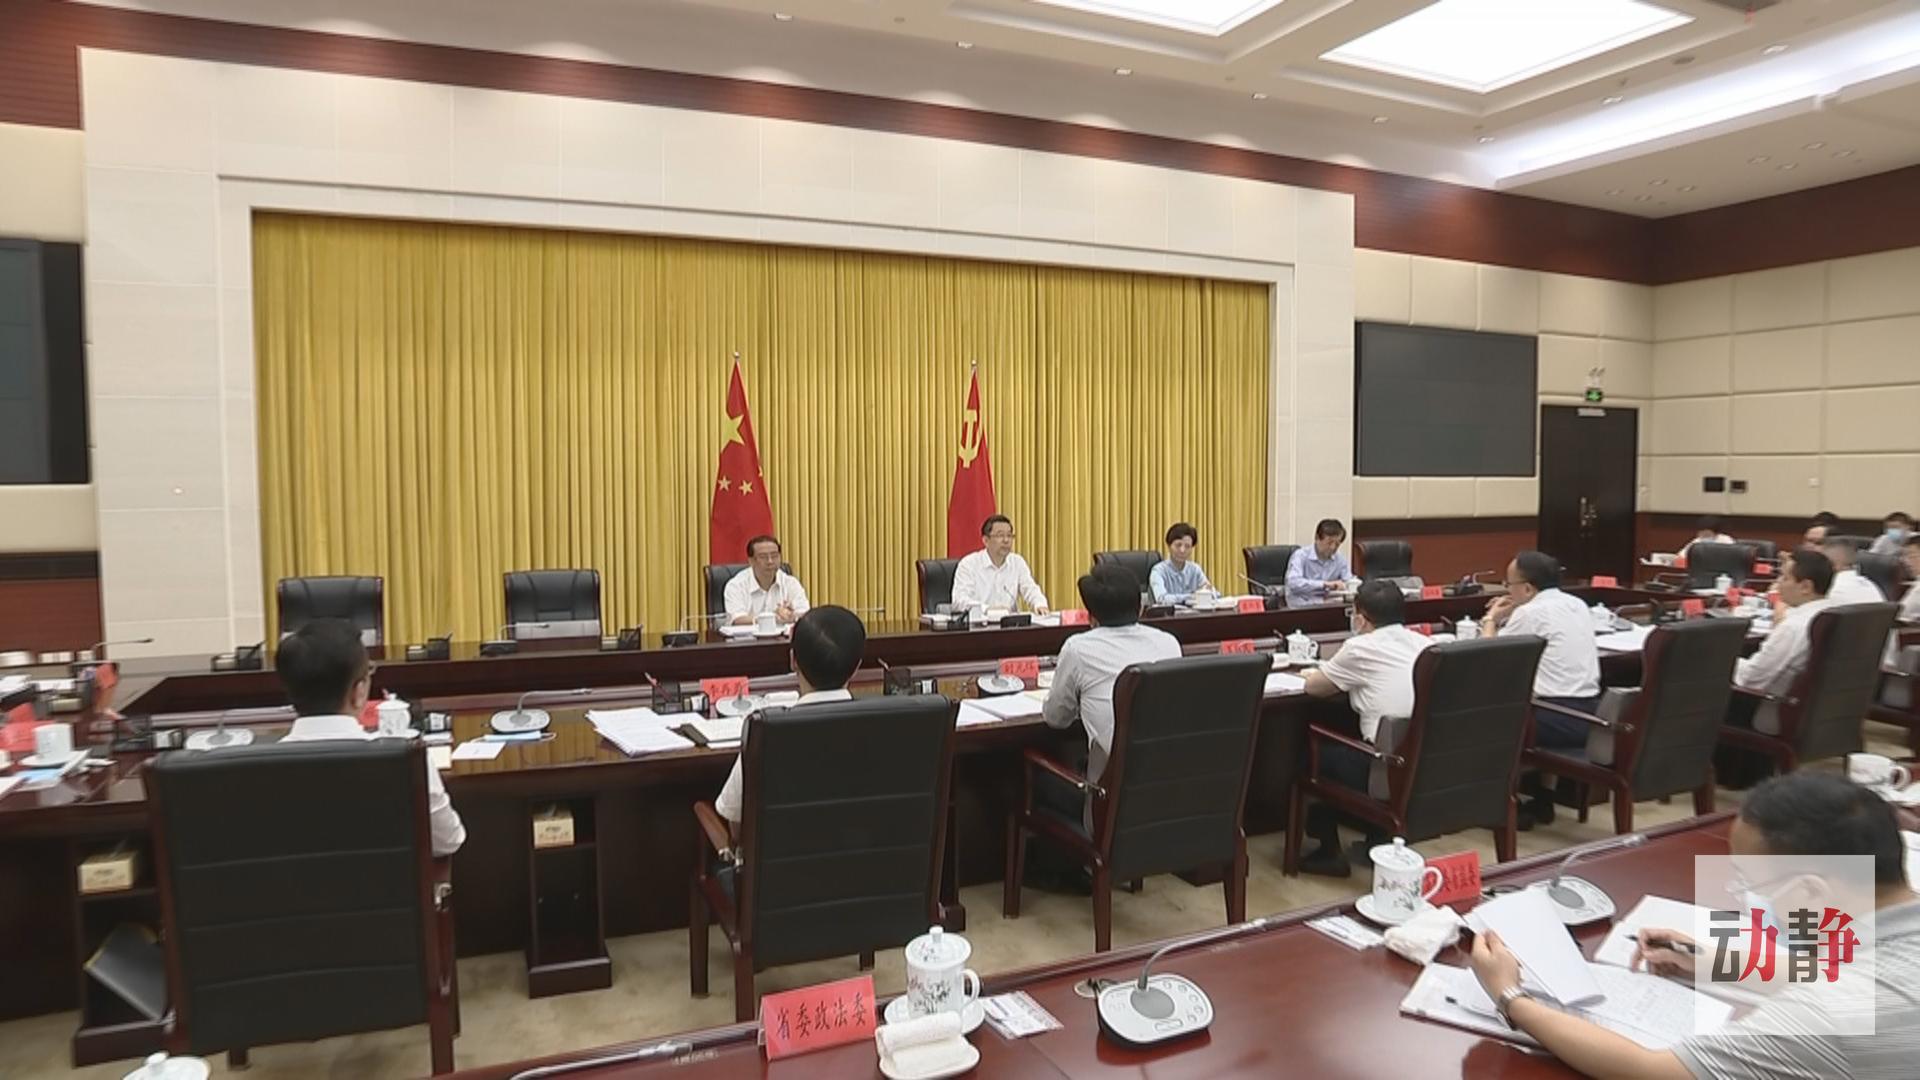 7月11日《贵州新闻联播》将关注这些内容